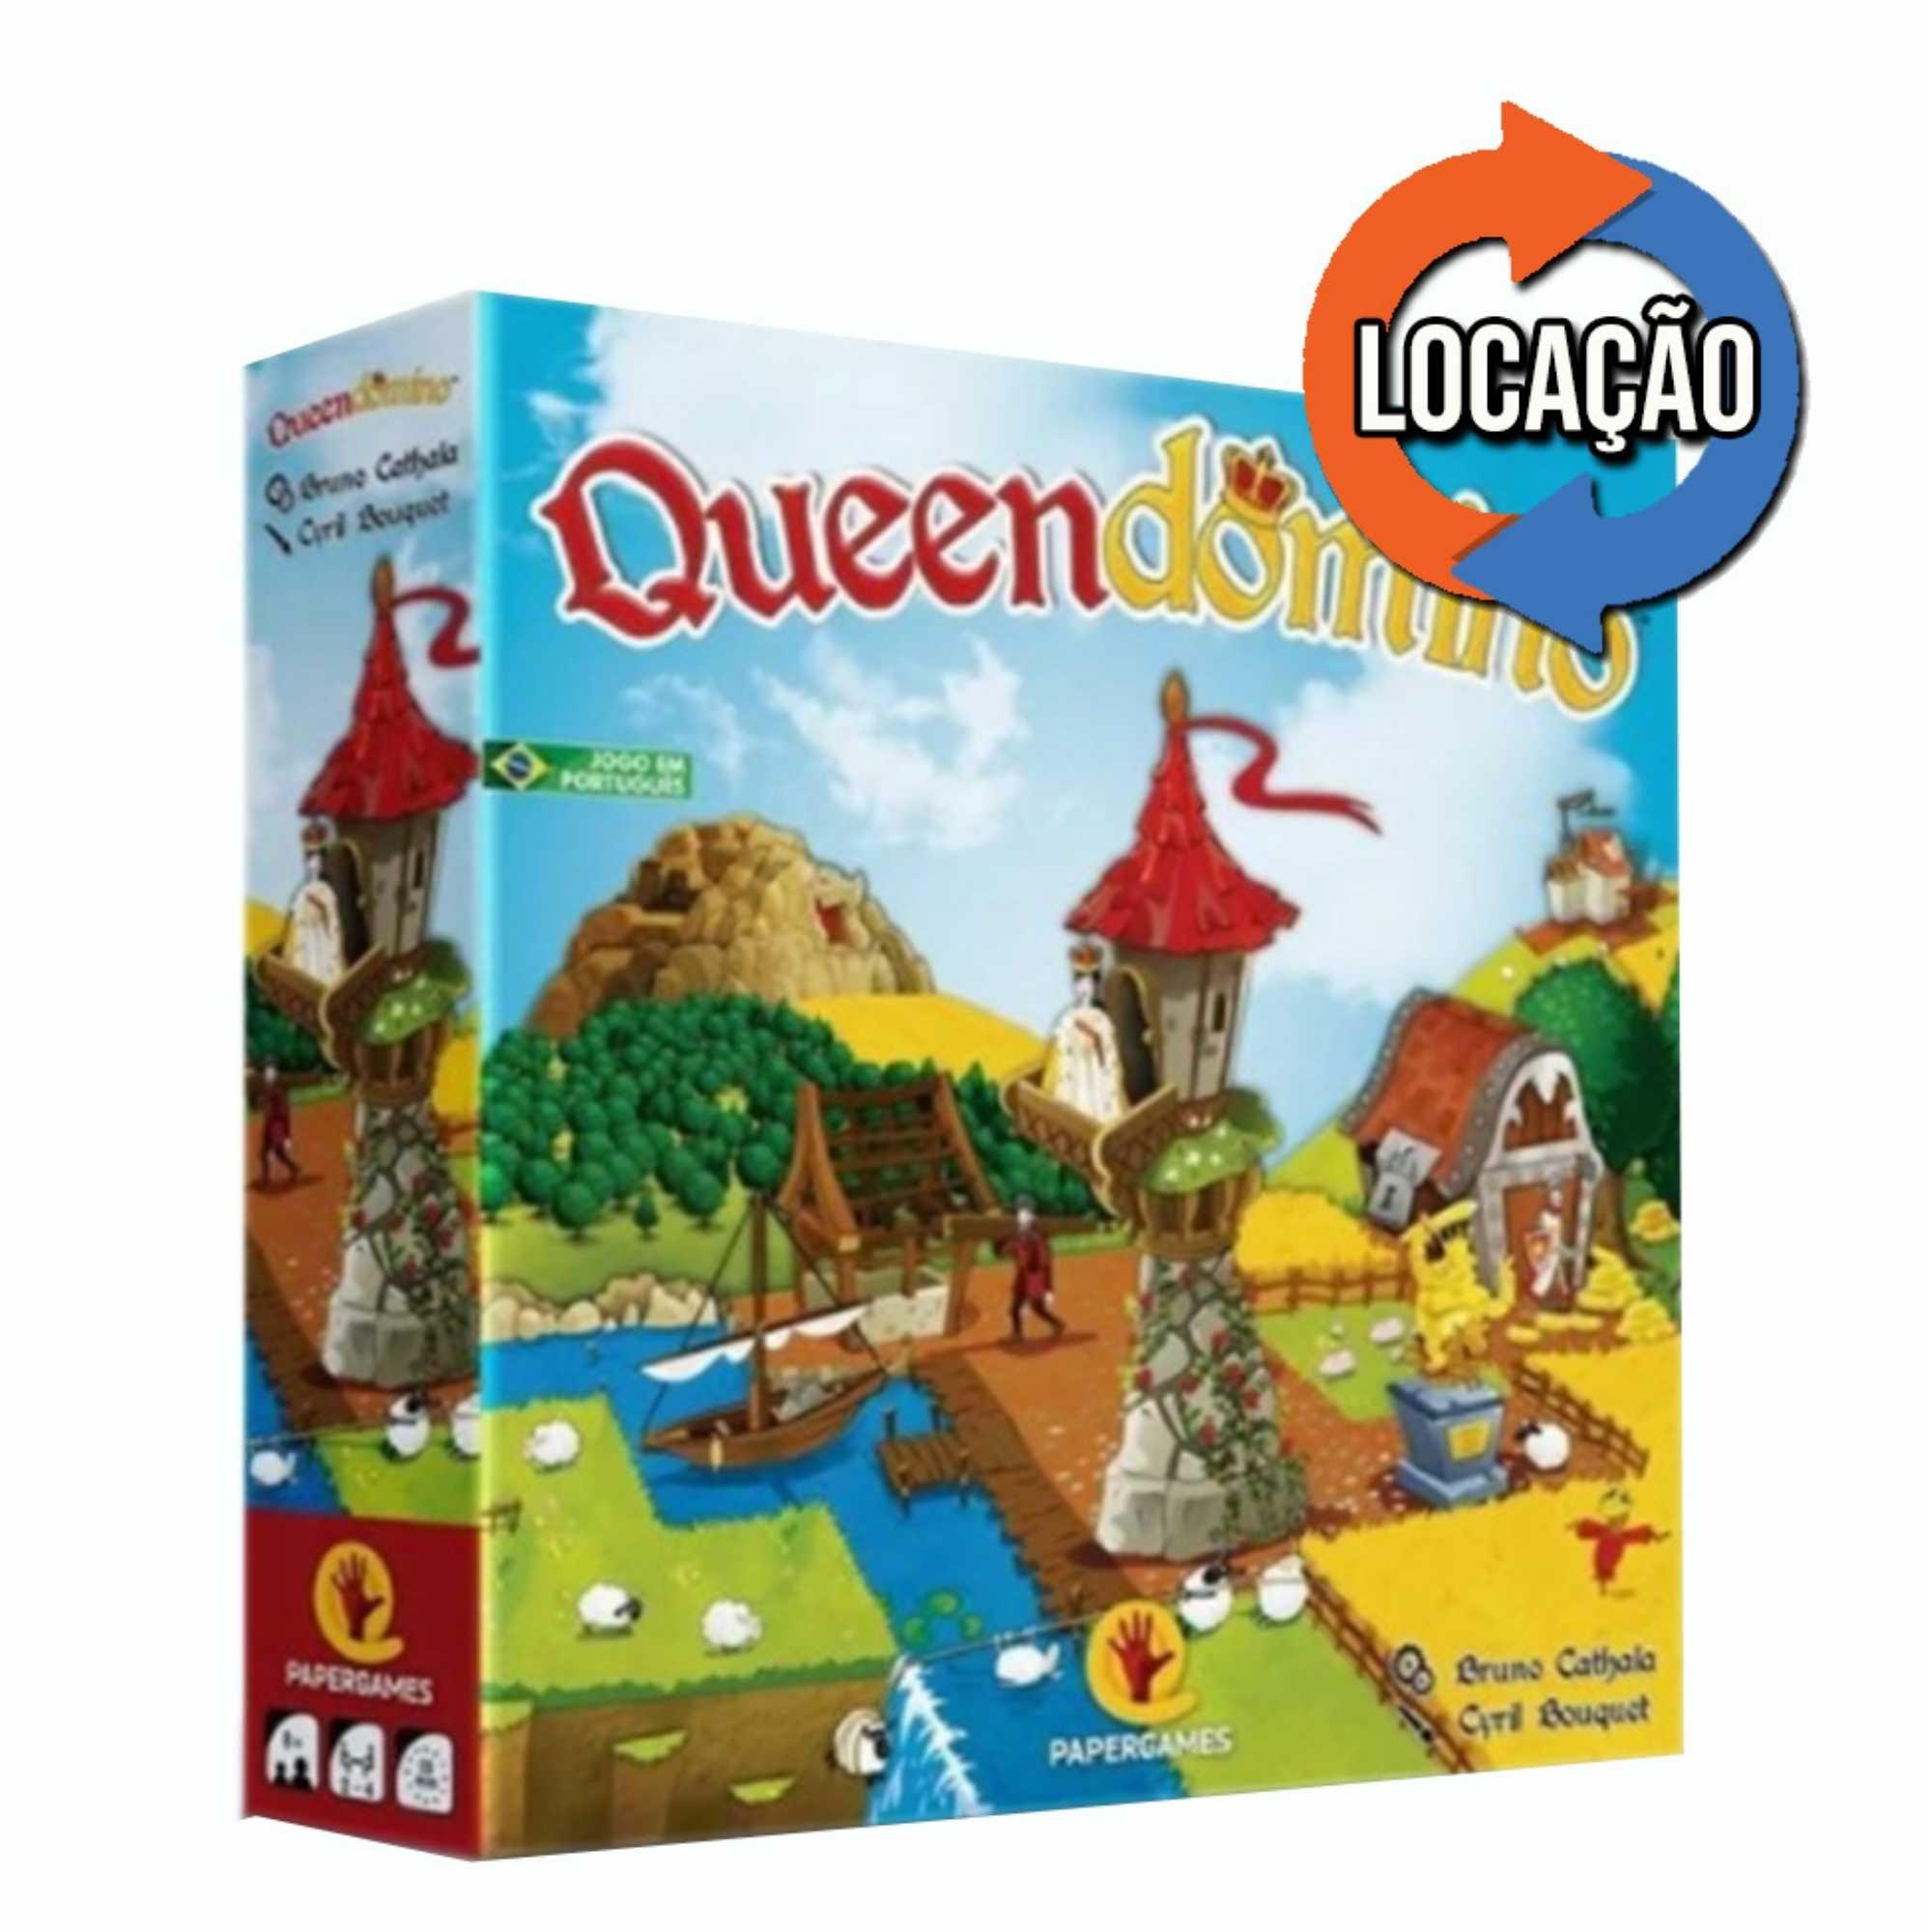 Queendomino (Locação)